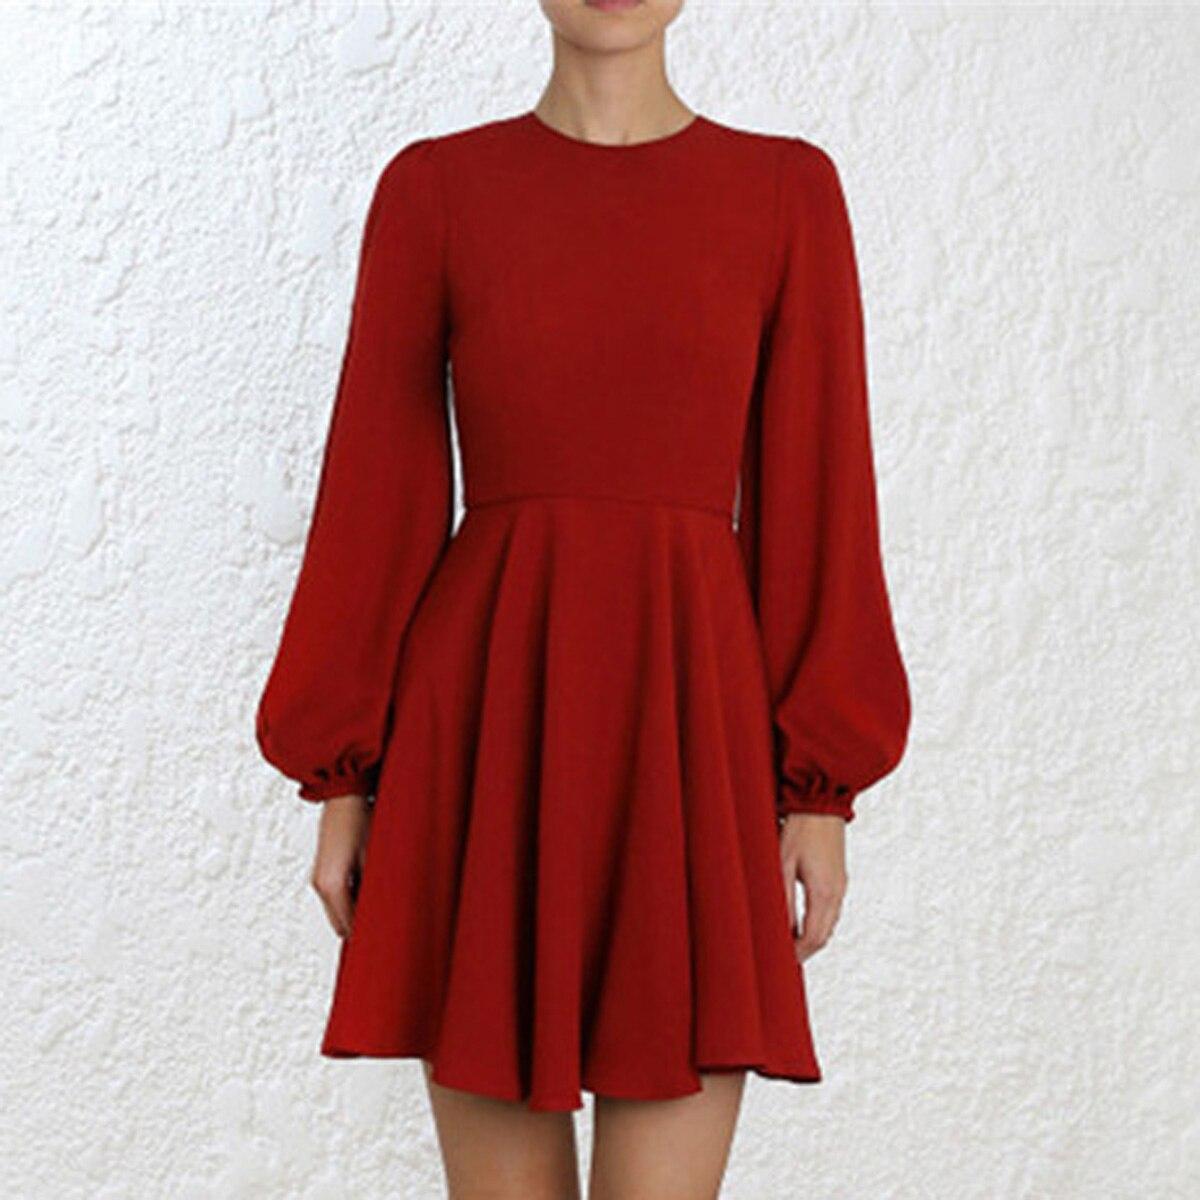 Taille A Dame cou Blouson O Manches Bureau Femmes ligne Robes Robe Mini Mince Empire Automne Rouge Jastie Printemps R0ZSfqwf